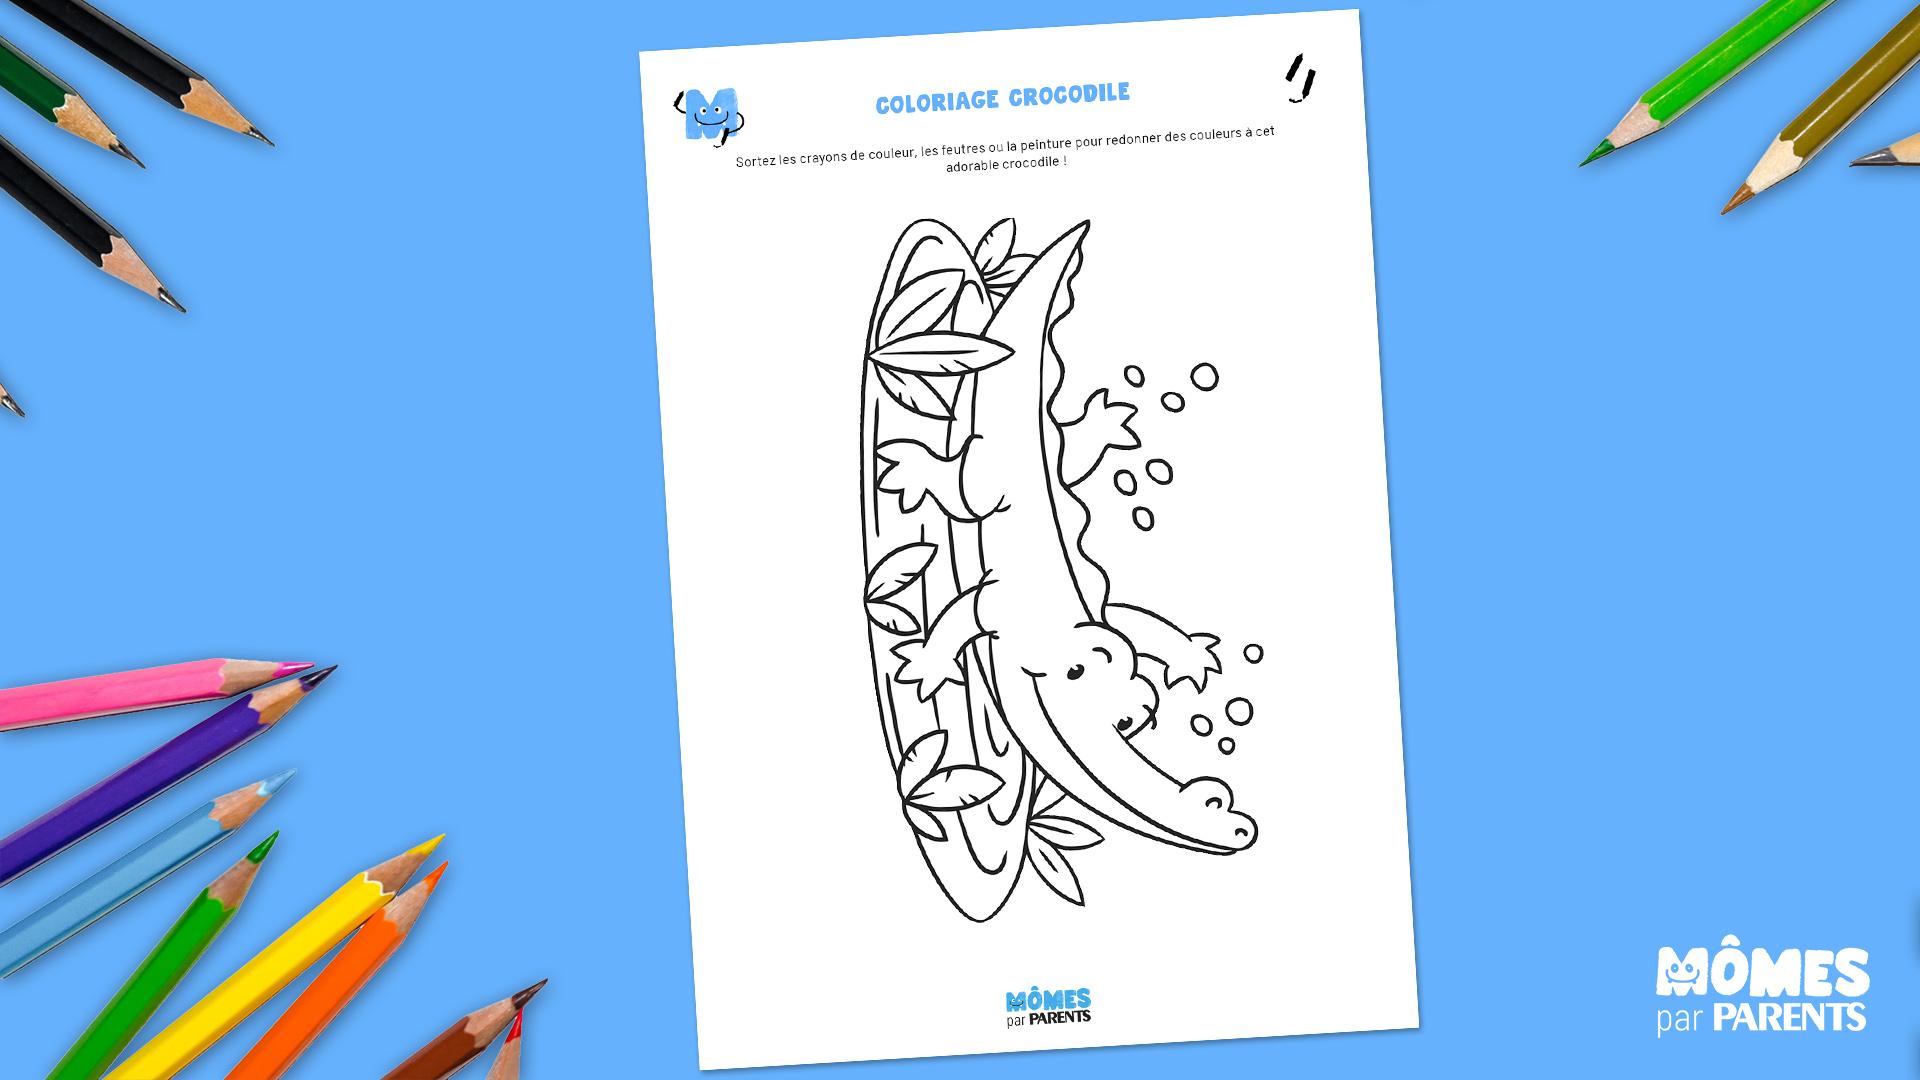 Coloriage gratuit Crocodile à imprimer   MOMES.net